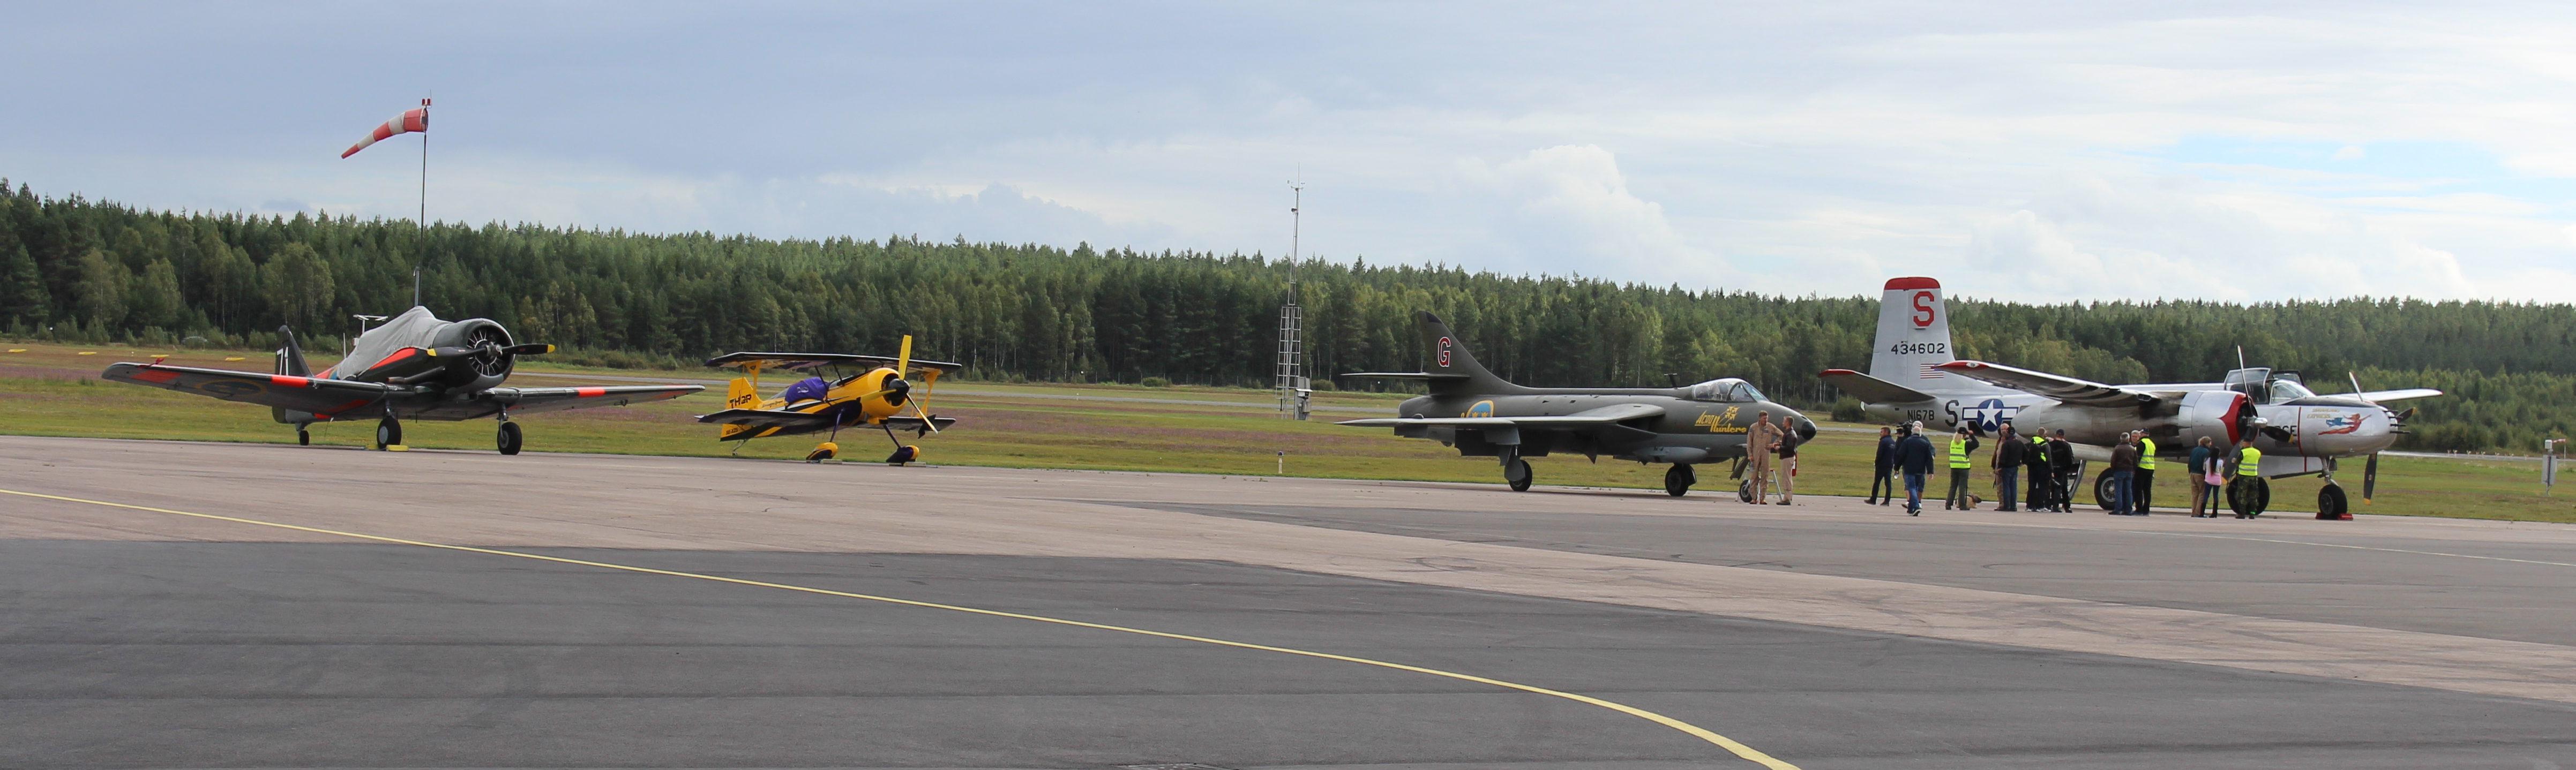 Nordic Warbirds A26 Invader (längst till höger) anlände också den i sådan fart att jag inte hann med att fota,   men efter en stund hade den lugnat sig såpass att det gick att ta en bild.